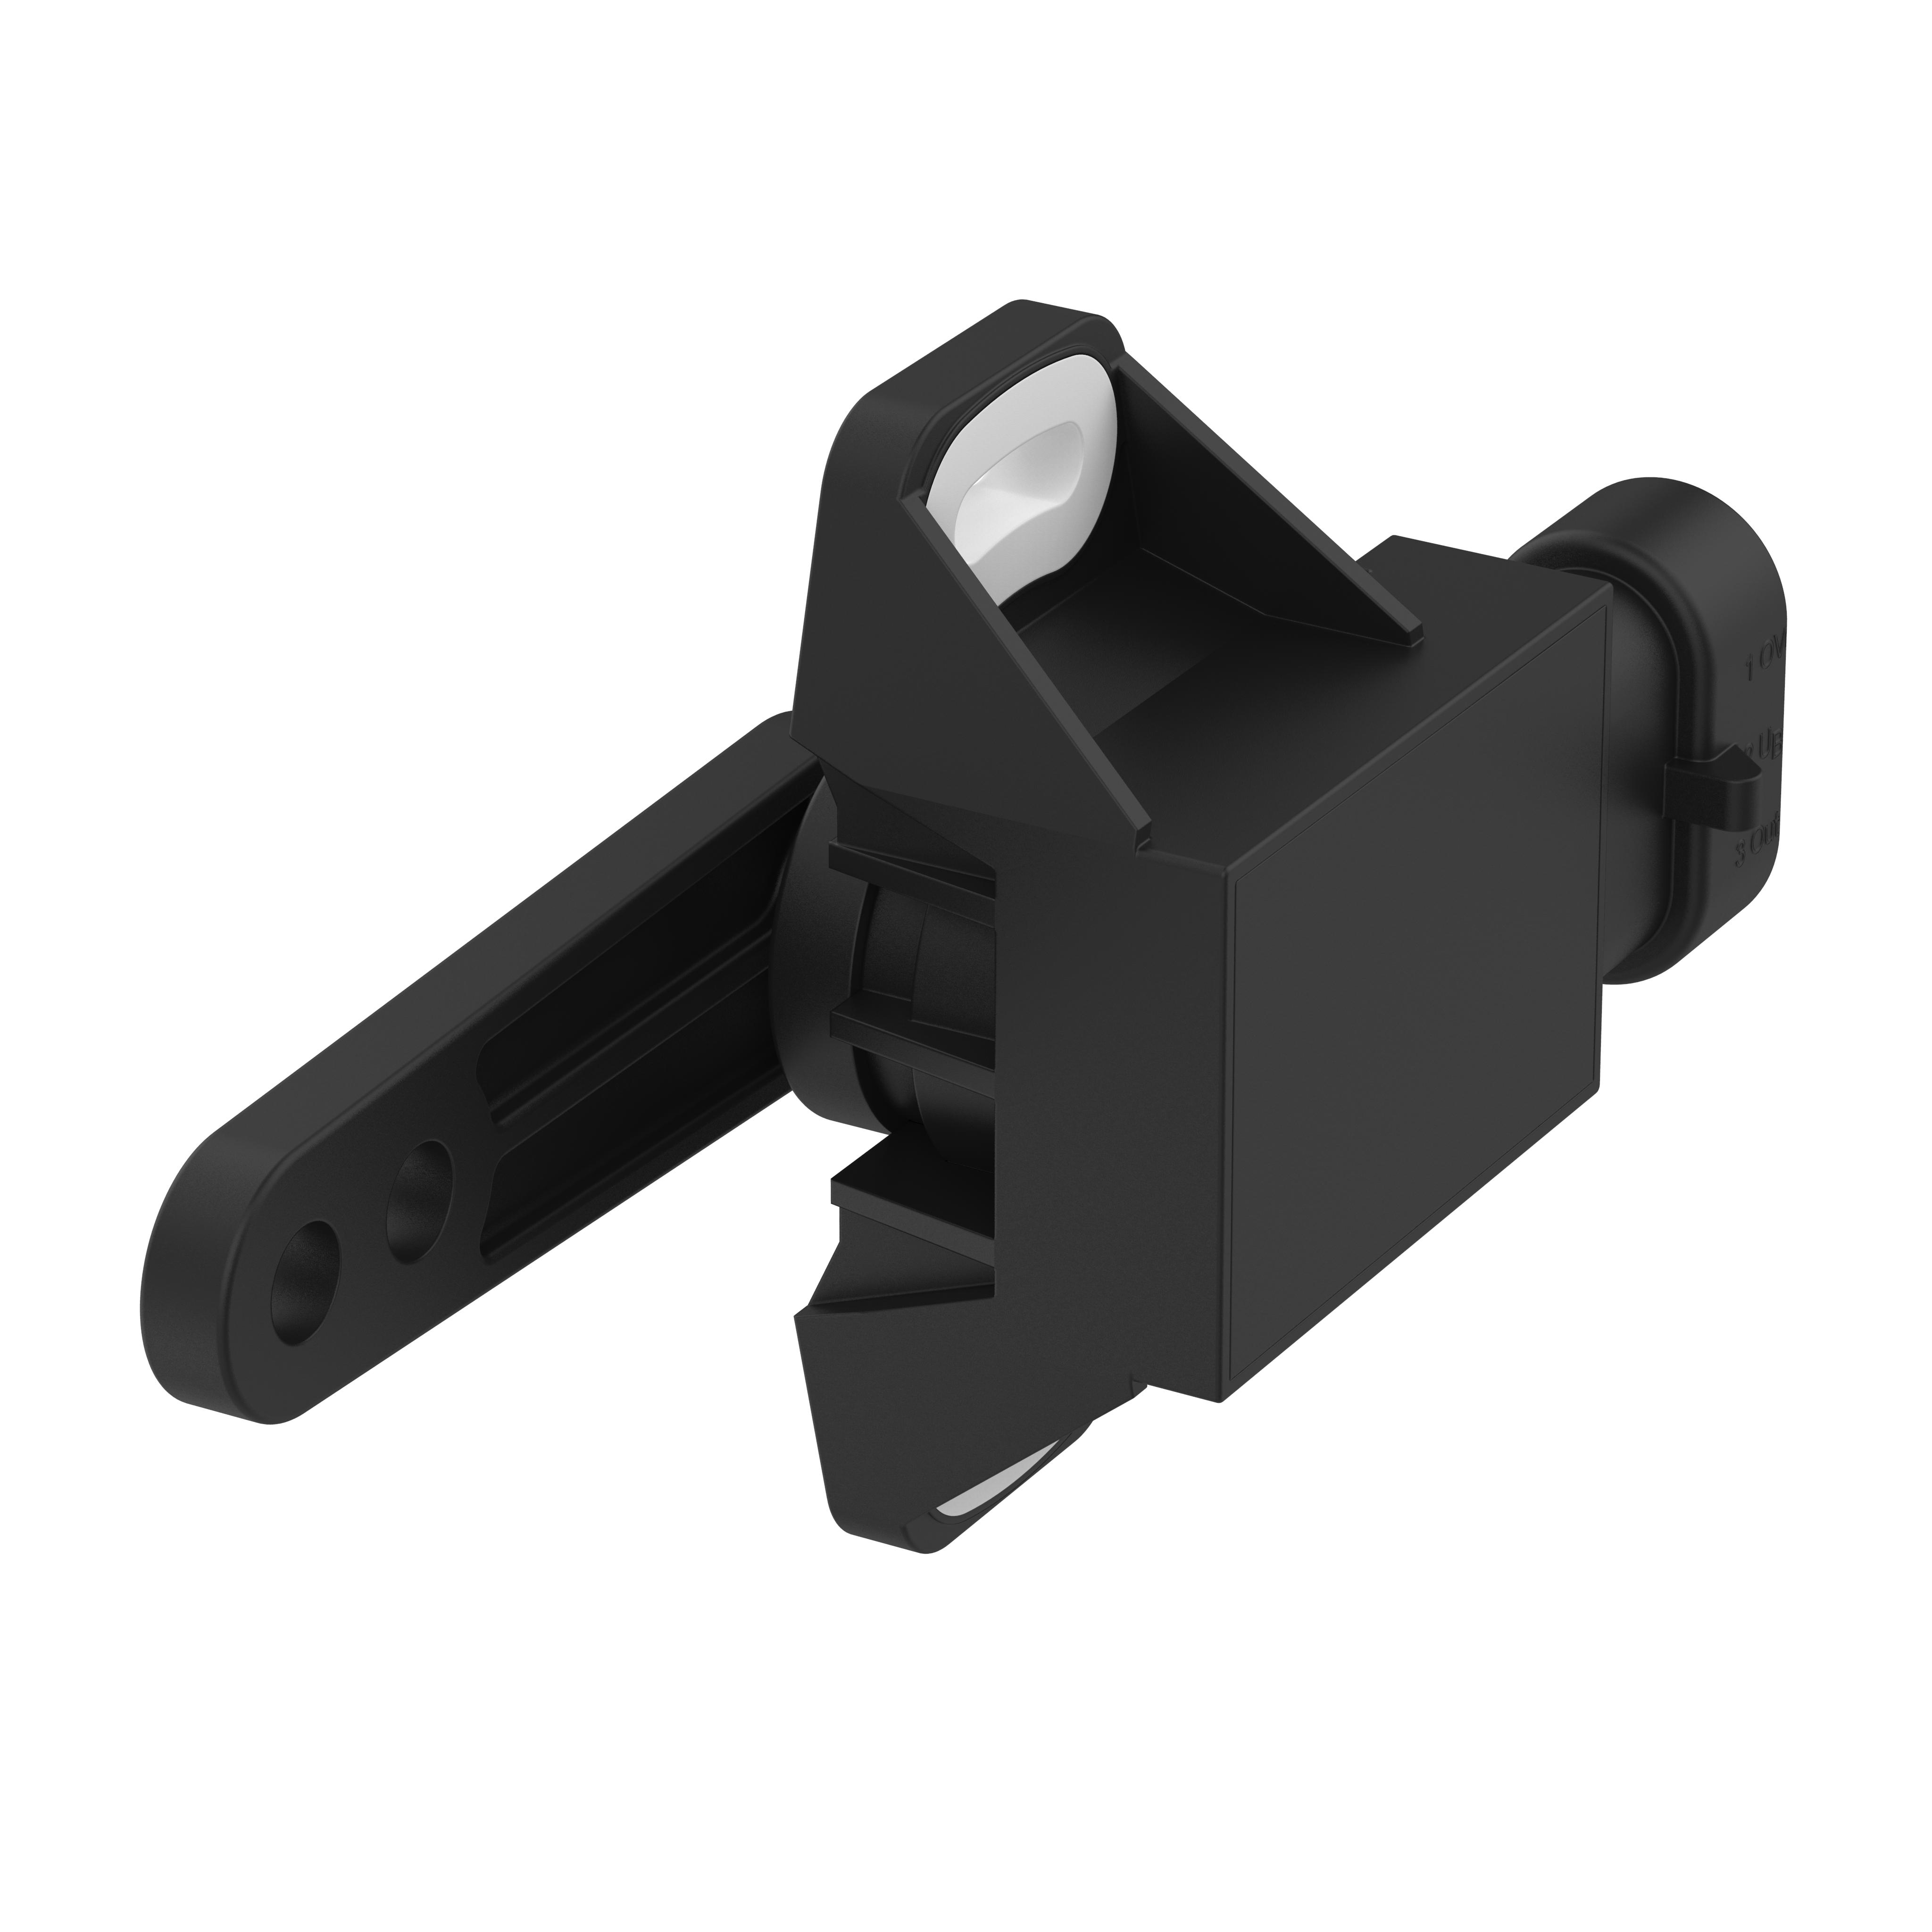 Winkelsensor 120° CCW - 424A11A120 - 4-20mA